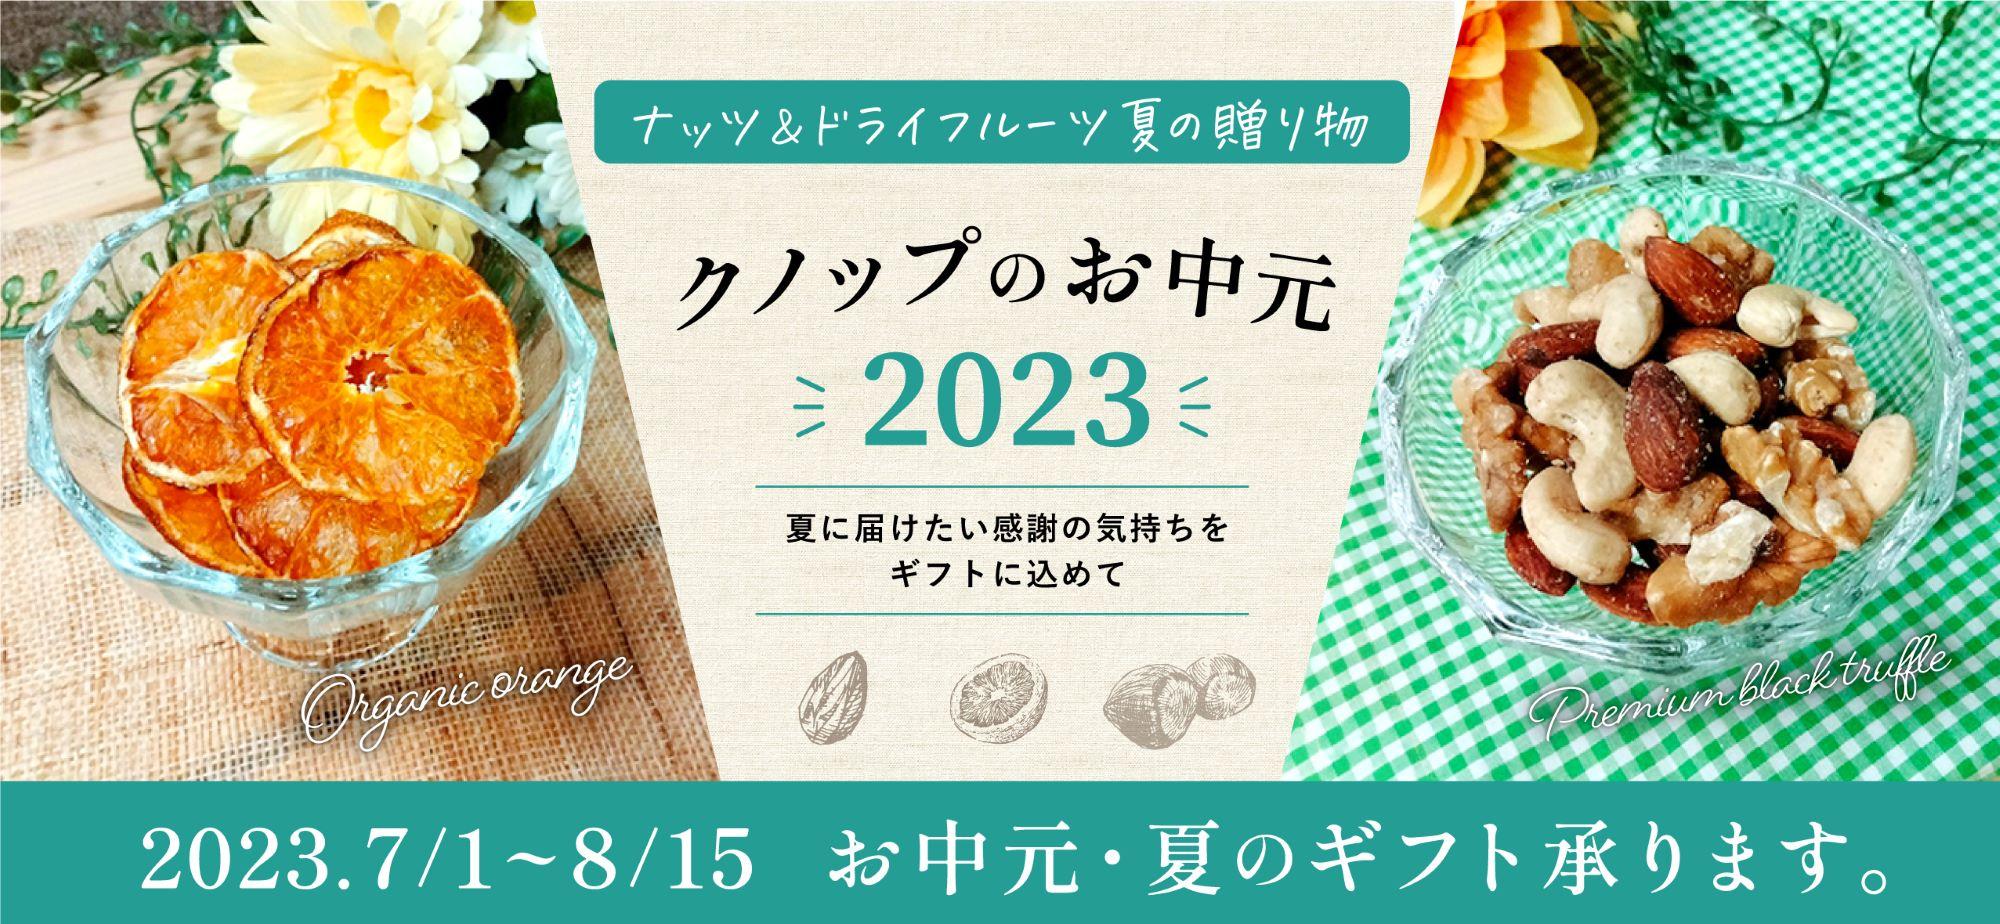 呉羽梨幸水のドライフルーツ